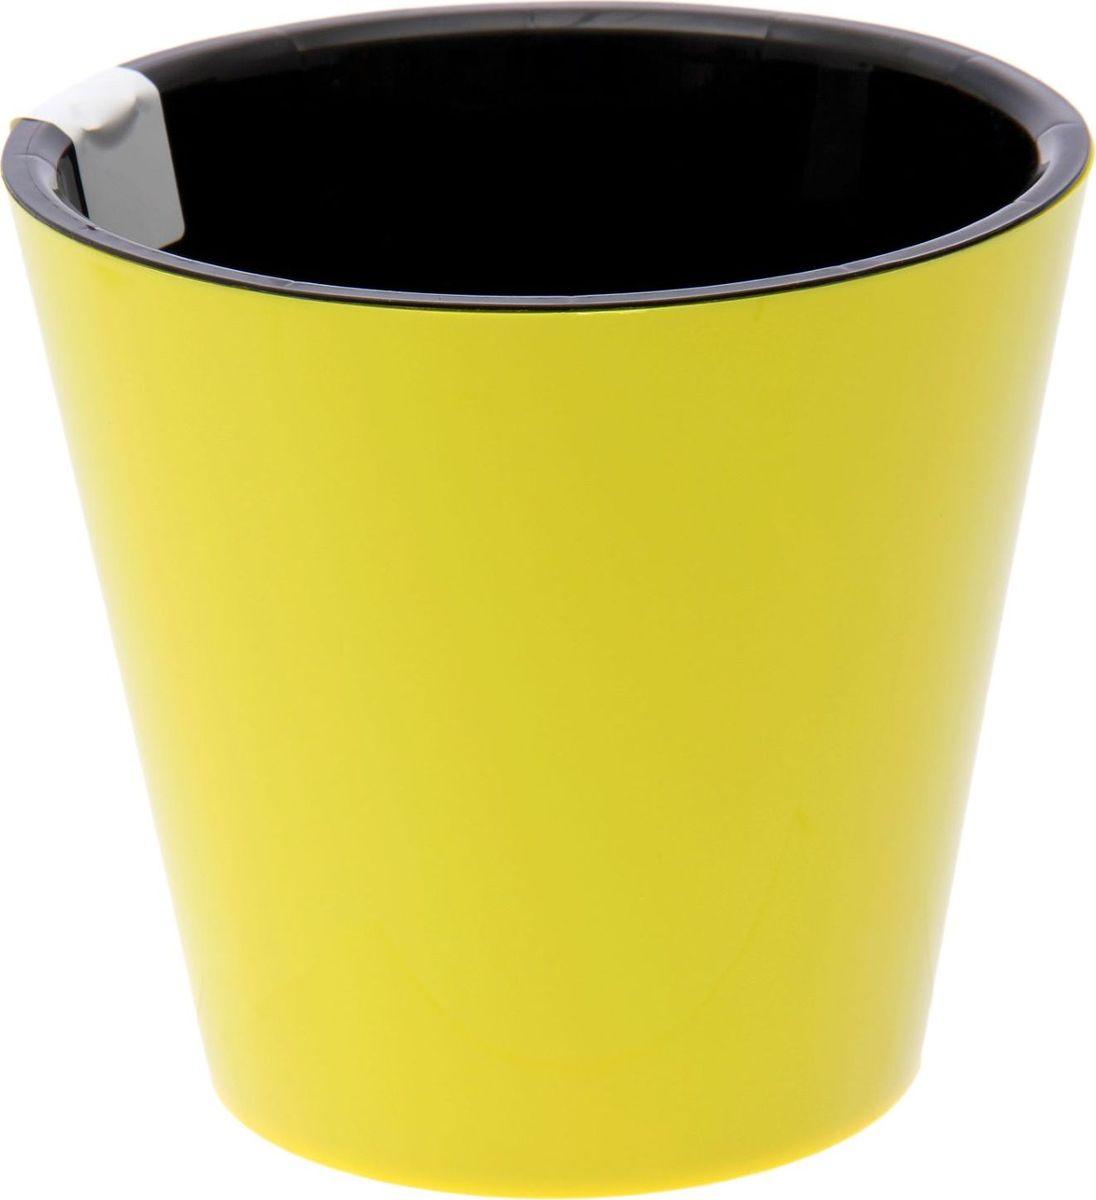 Горшок для цветов Фиджи, цвет: желтый, 1,6 л2372092Любой, даже самый современный и продуманный интерьер будет незавершенным без растений. Они не только очищают воздух и насыщают его кислородом, но и украшают окружающее пространство. Такому полезному члену семьи просто необходим красивый и функциональный дом, которым станет горшок Фиджи. Оптимальный выбор материала — пластмасса! Малый вес. С легкостью переносите горшки и кашпо с места на место, ставьте их на столики или полки, не беспокоясь о нагрузке.Простота ухода. Кашпо не нуждается в специальных условиях хранения. Его легко чистить — достаточно просто сполоснуть теплой водой.Никаких потертостей. Такие кашпо не царапают и не загрязняют поверхности, на которых стоят. Пластик дольше хранит влагу, а значит, растение реже нуждается в поливе.Пластмасса не пропускает воздух — корневой системе растения не грозят резкие перепады температур. Соблюдая нехитрые правила ухода, вы можете заметно продлить срок службы горшков и кашпо из пластика: всегда учитывайте размер кроны и корневой системы (при разрастании большое растение способно повредить маленький горшок) берегите изделие от воздействия прямых солнечных лучей, чтобы горшки не выцветали держите кашпо из пластика подальше от нагревающихся поверхностей.Создавайте прекрасные цветочные композиции, выращивайте рассаду или необычные растения.